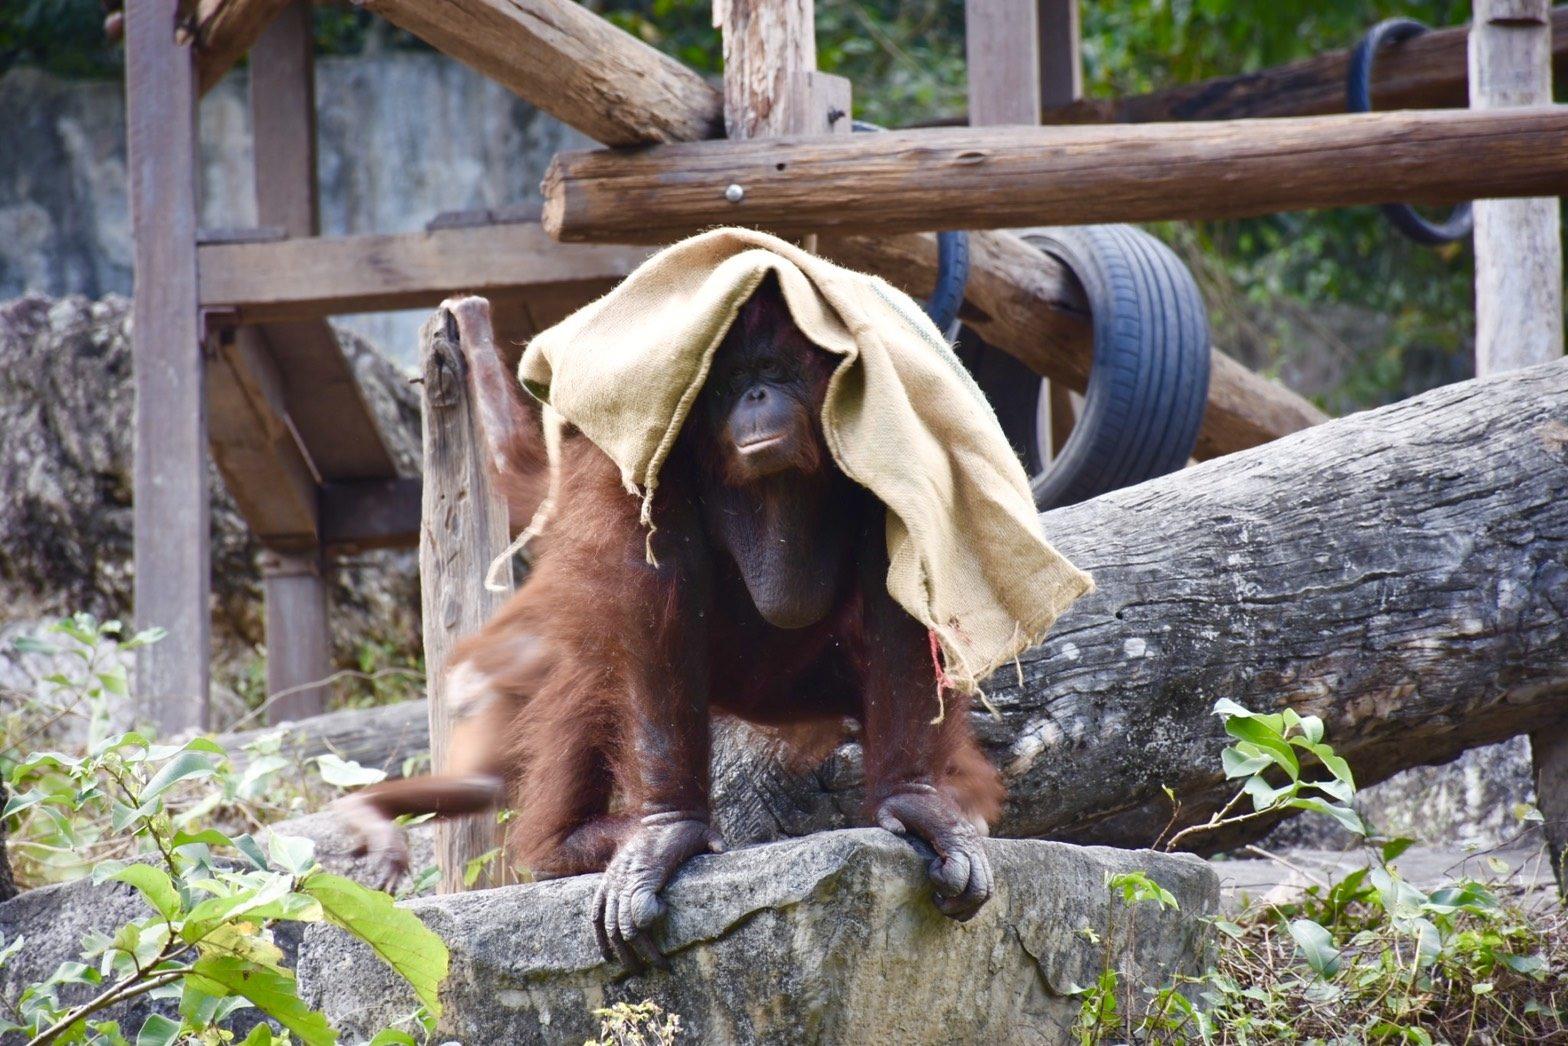 สวนสัตว์เปิดเขาเขียว ช่วยสัตว์คลายหนาว ให้กระสอบอุรังอุตัง-ฮิปโปนอนอาบแดด